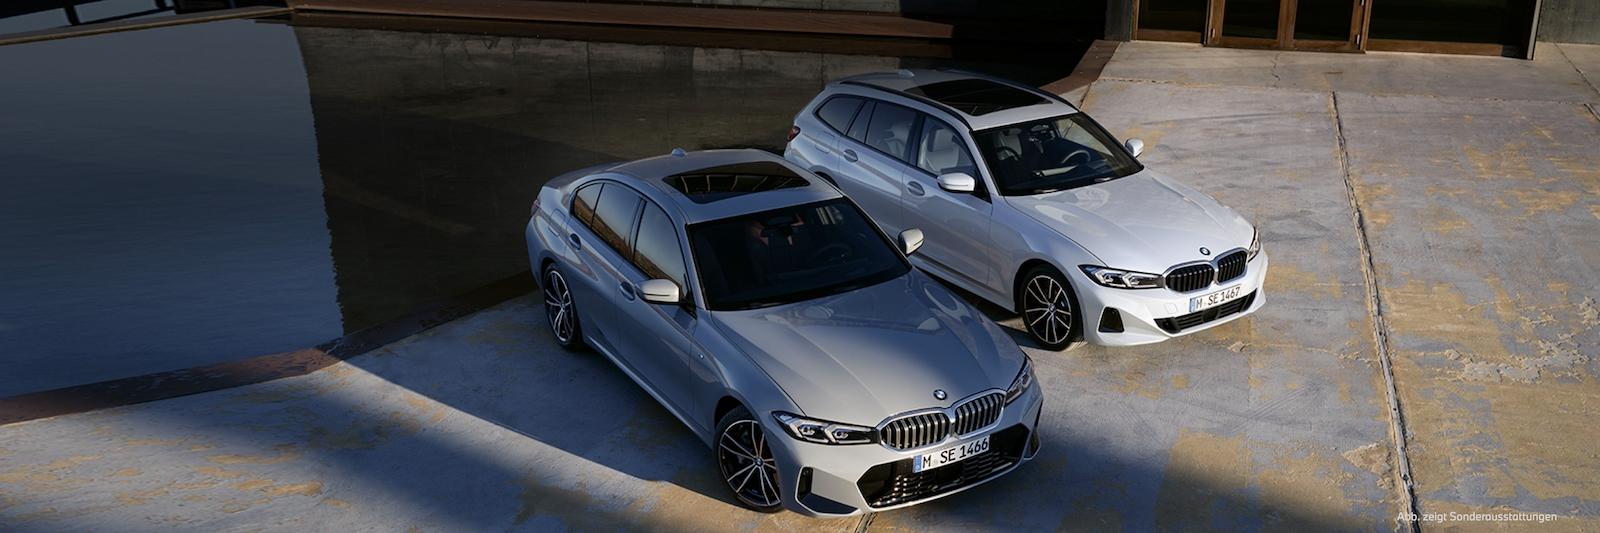 BMW Vogl BMW 3er